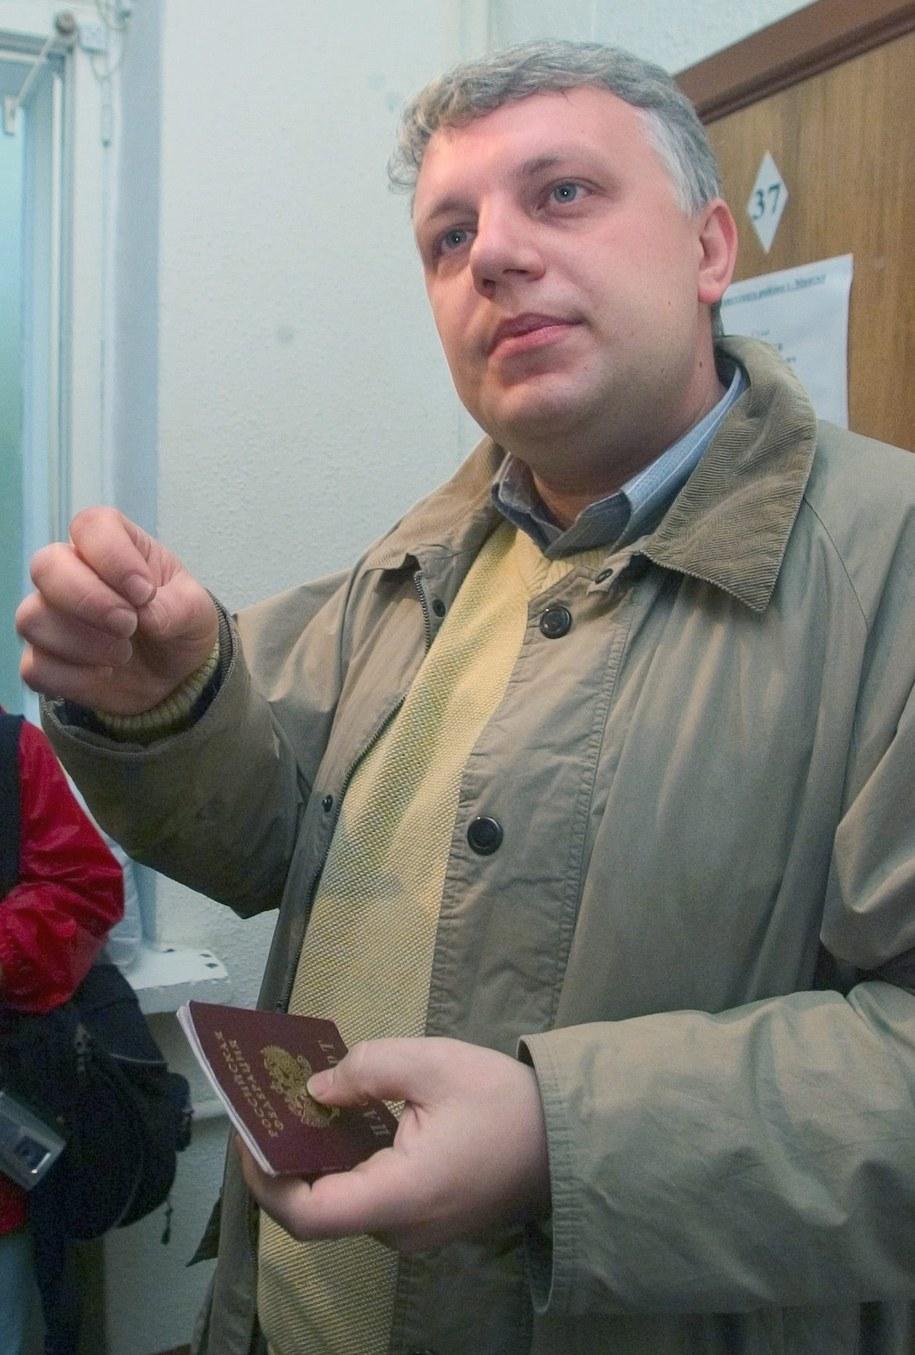 Dziennikarz Paweł Szeremet na zdjęciu z 2004 roku /MAXIM MALINOVSKY  /PAP/EPA